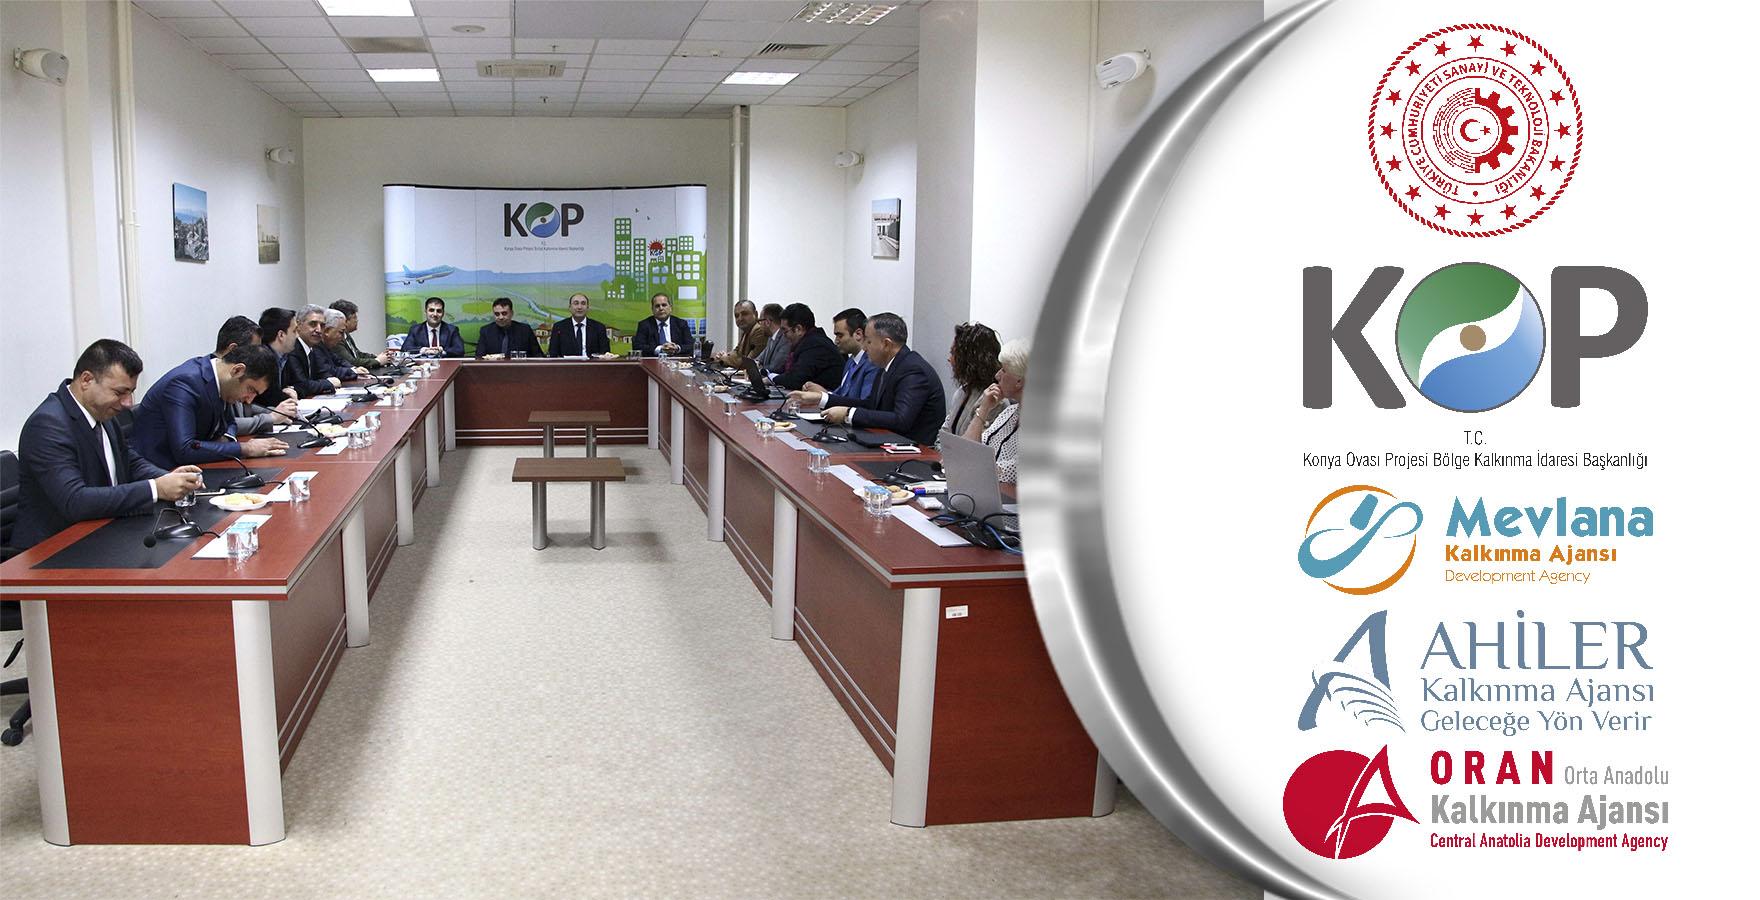 KOP ve Kalkınma Ajansları Koordinasyon ve İşbirliği Toplantısı